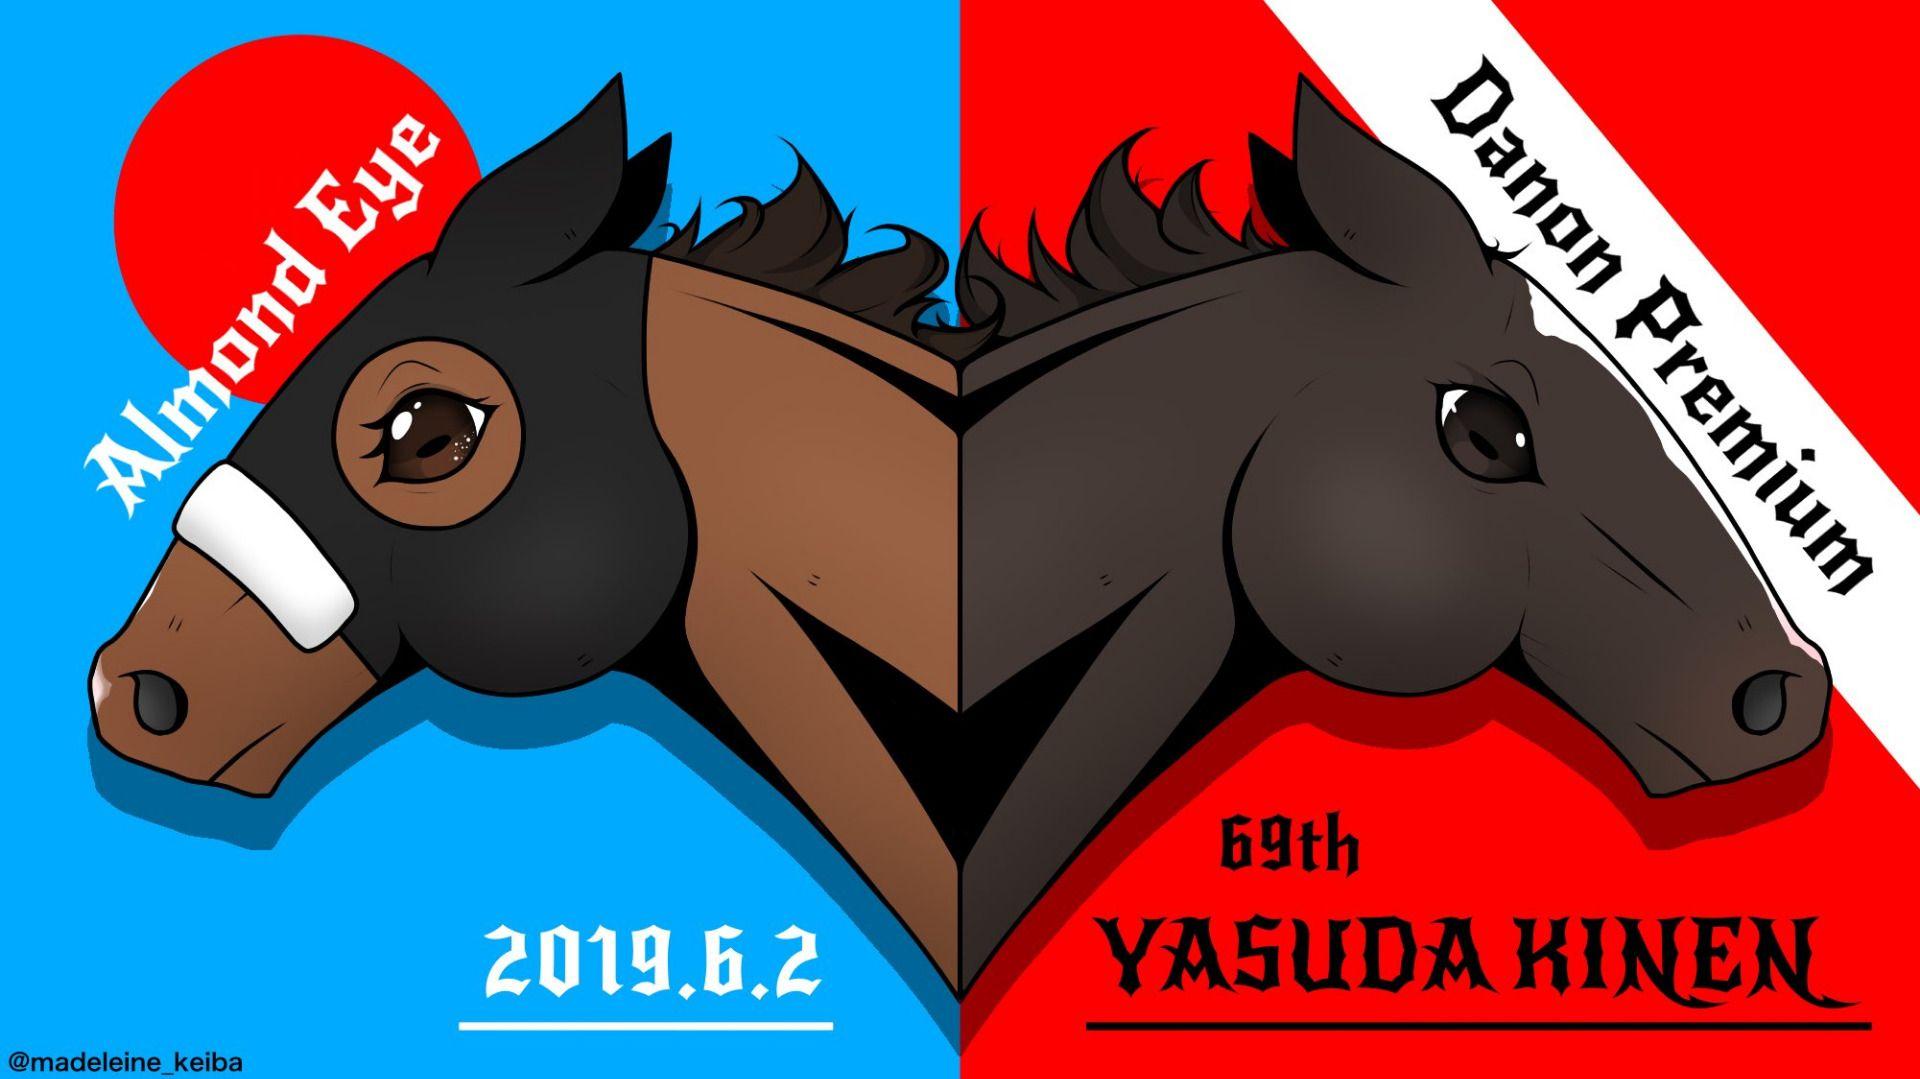 20190602-yasuda-kinen-almond-eye-vs-danon-premium.jpg